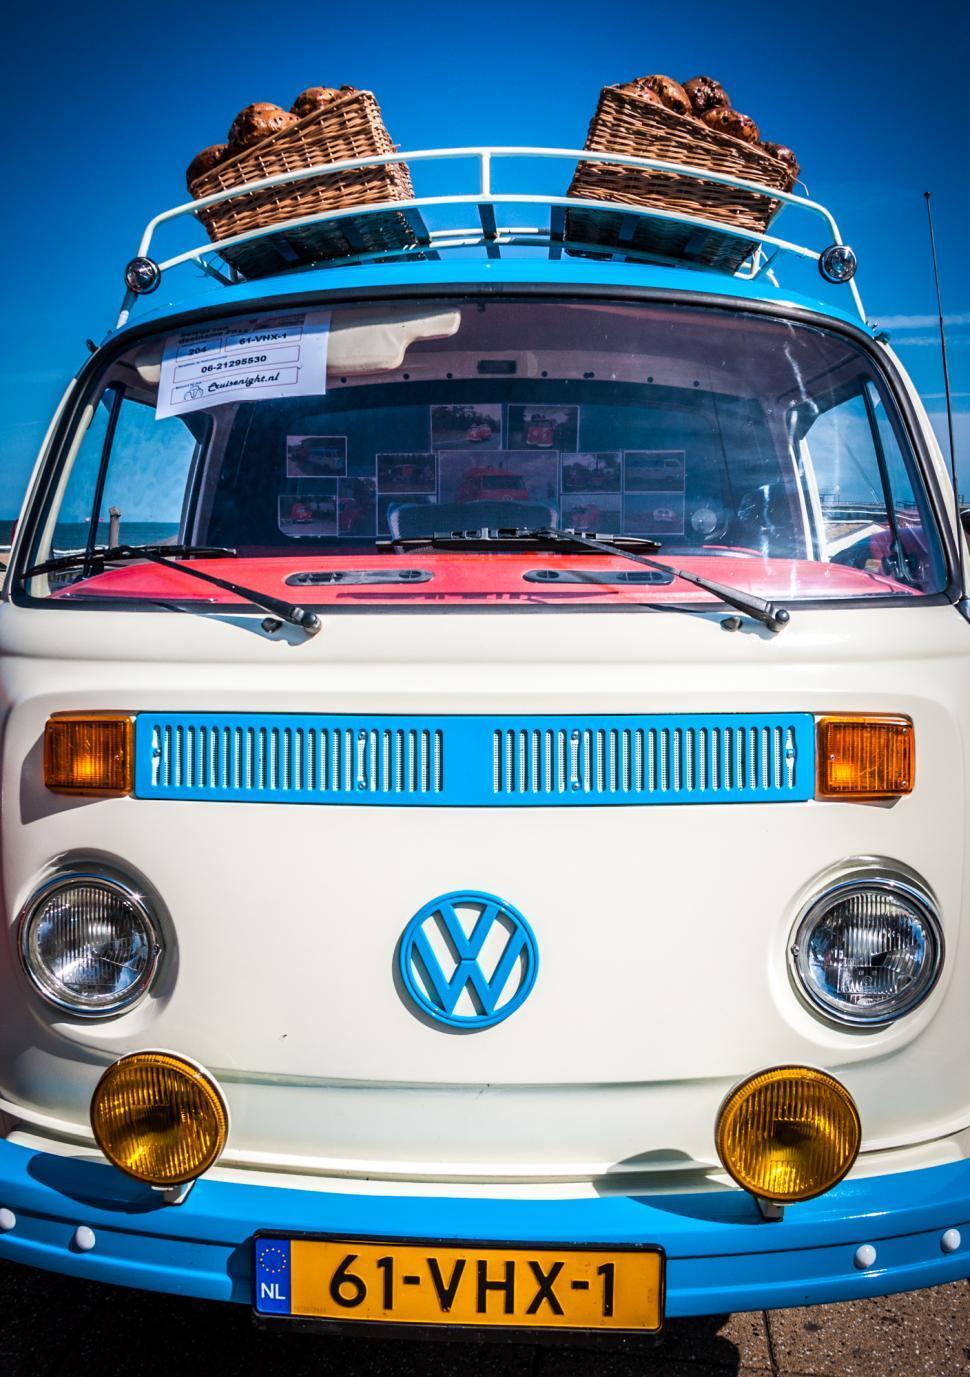 Download Free Stock HD Photo of volkswagen van Online